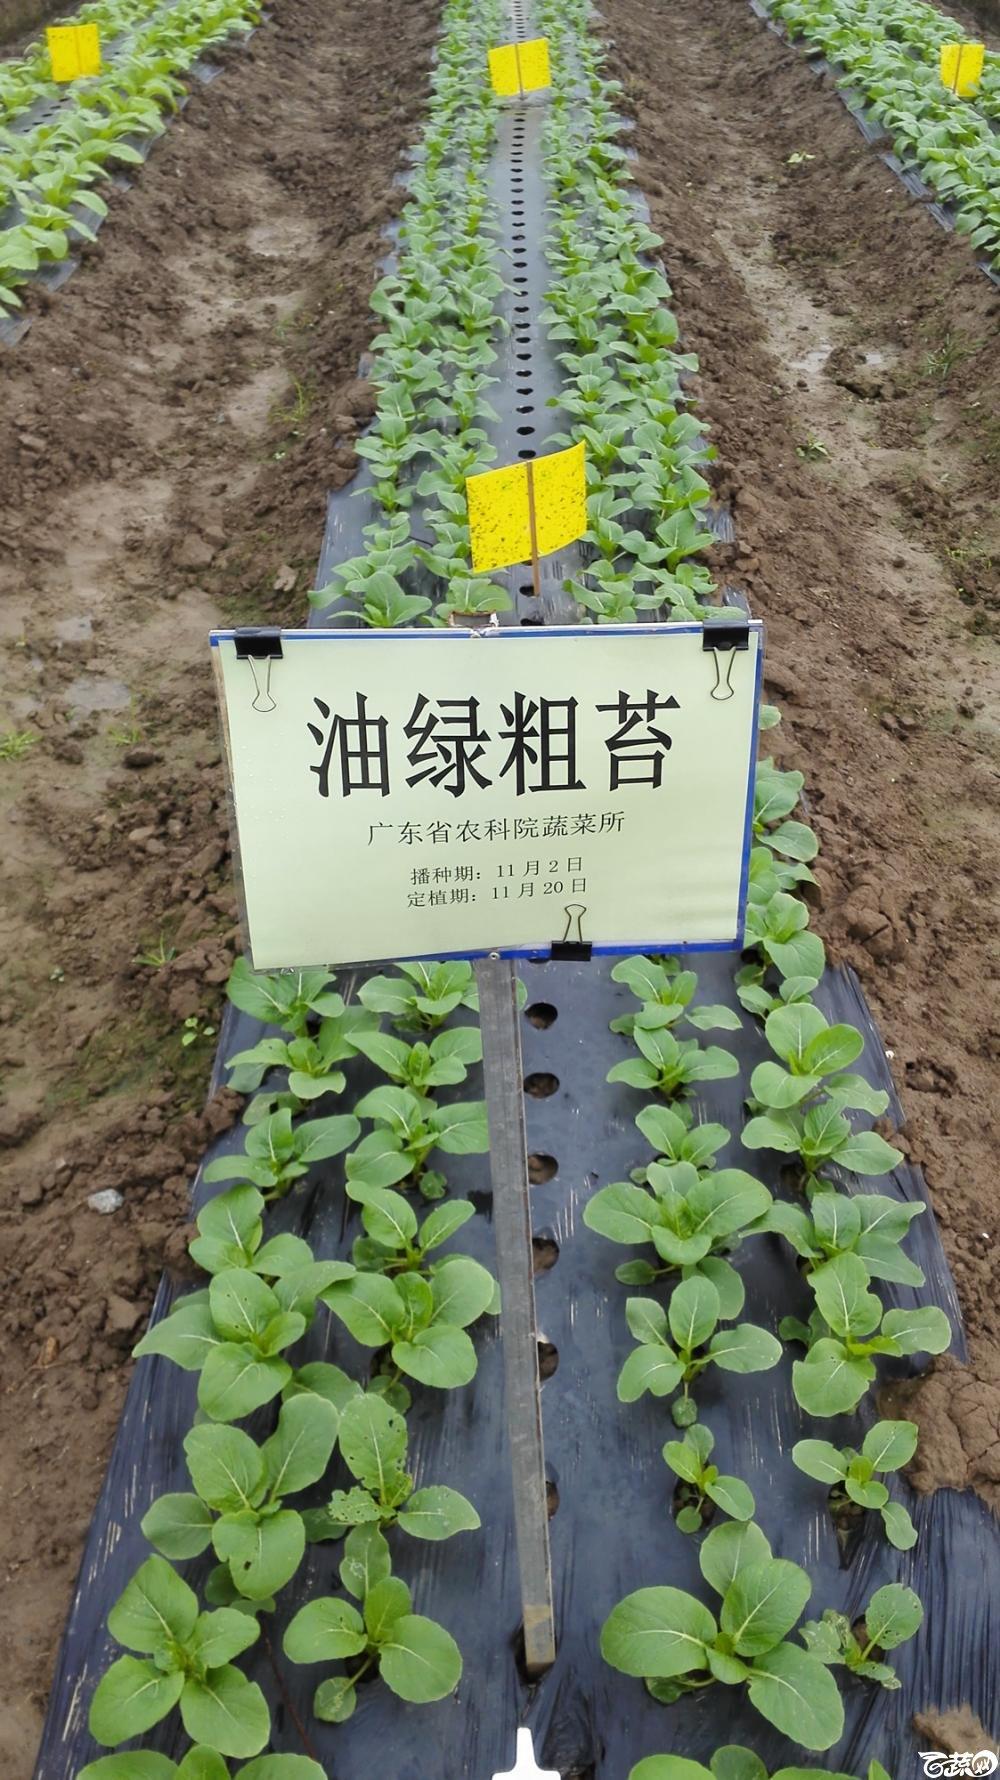 2014年12月8号中山蔬菜新品种展示会_叶菜_008.jpg